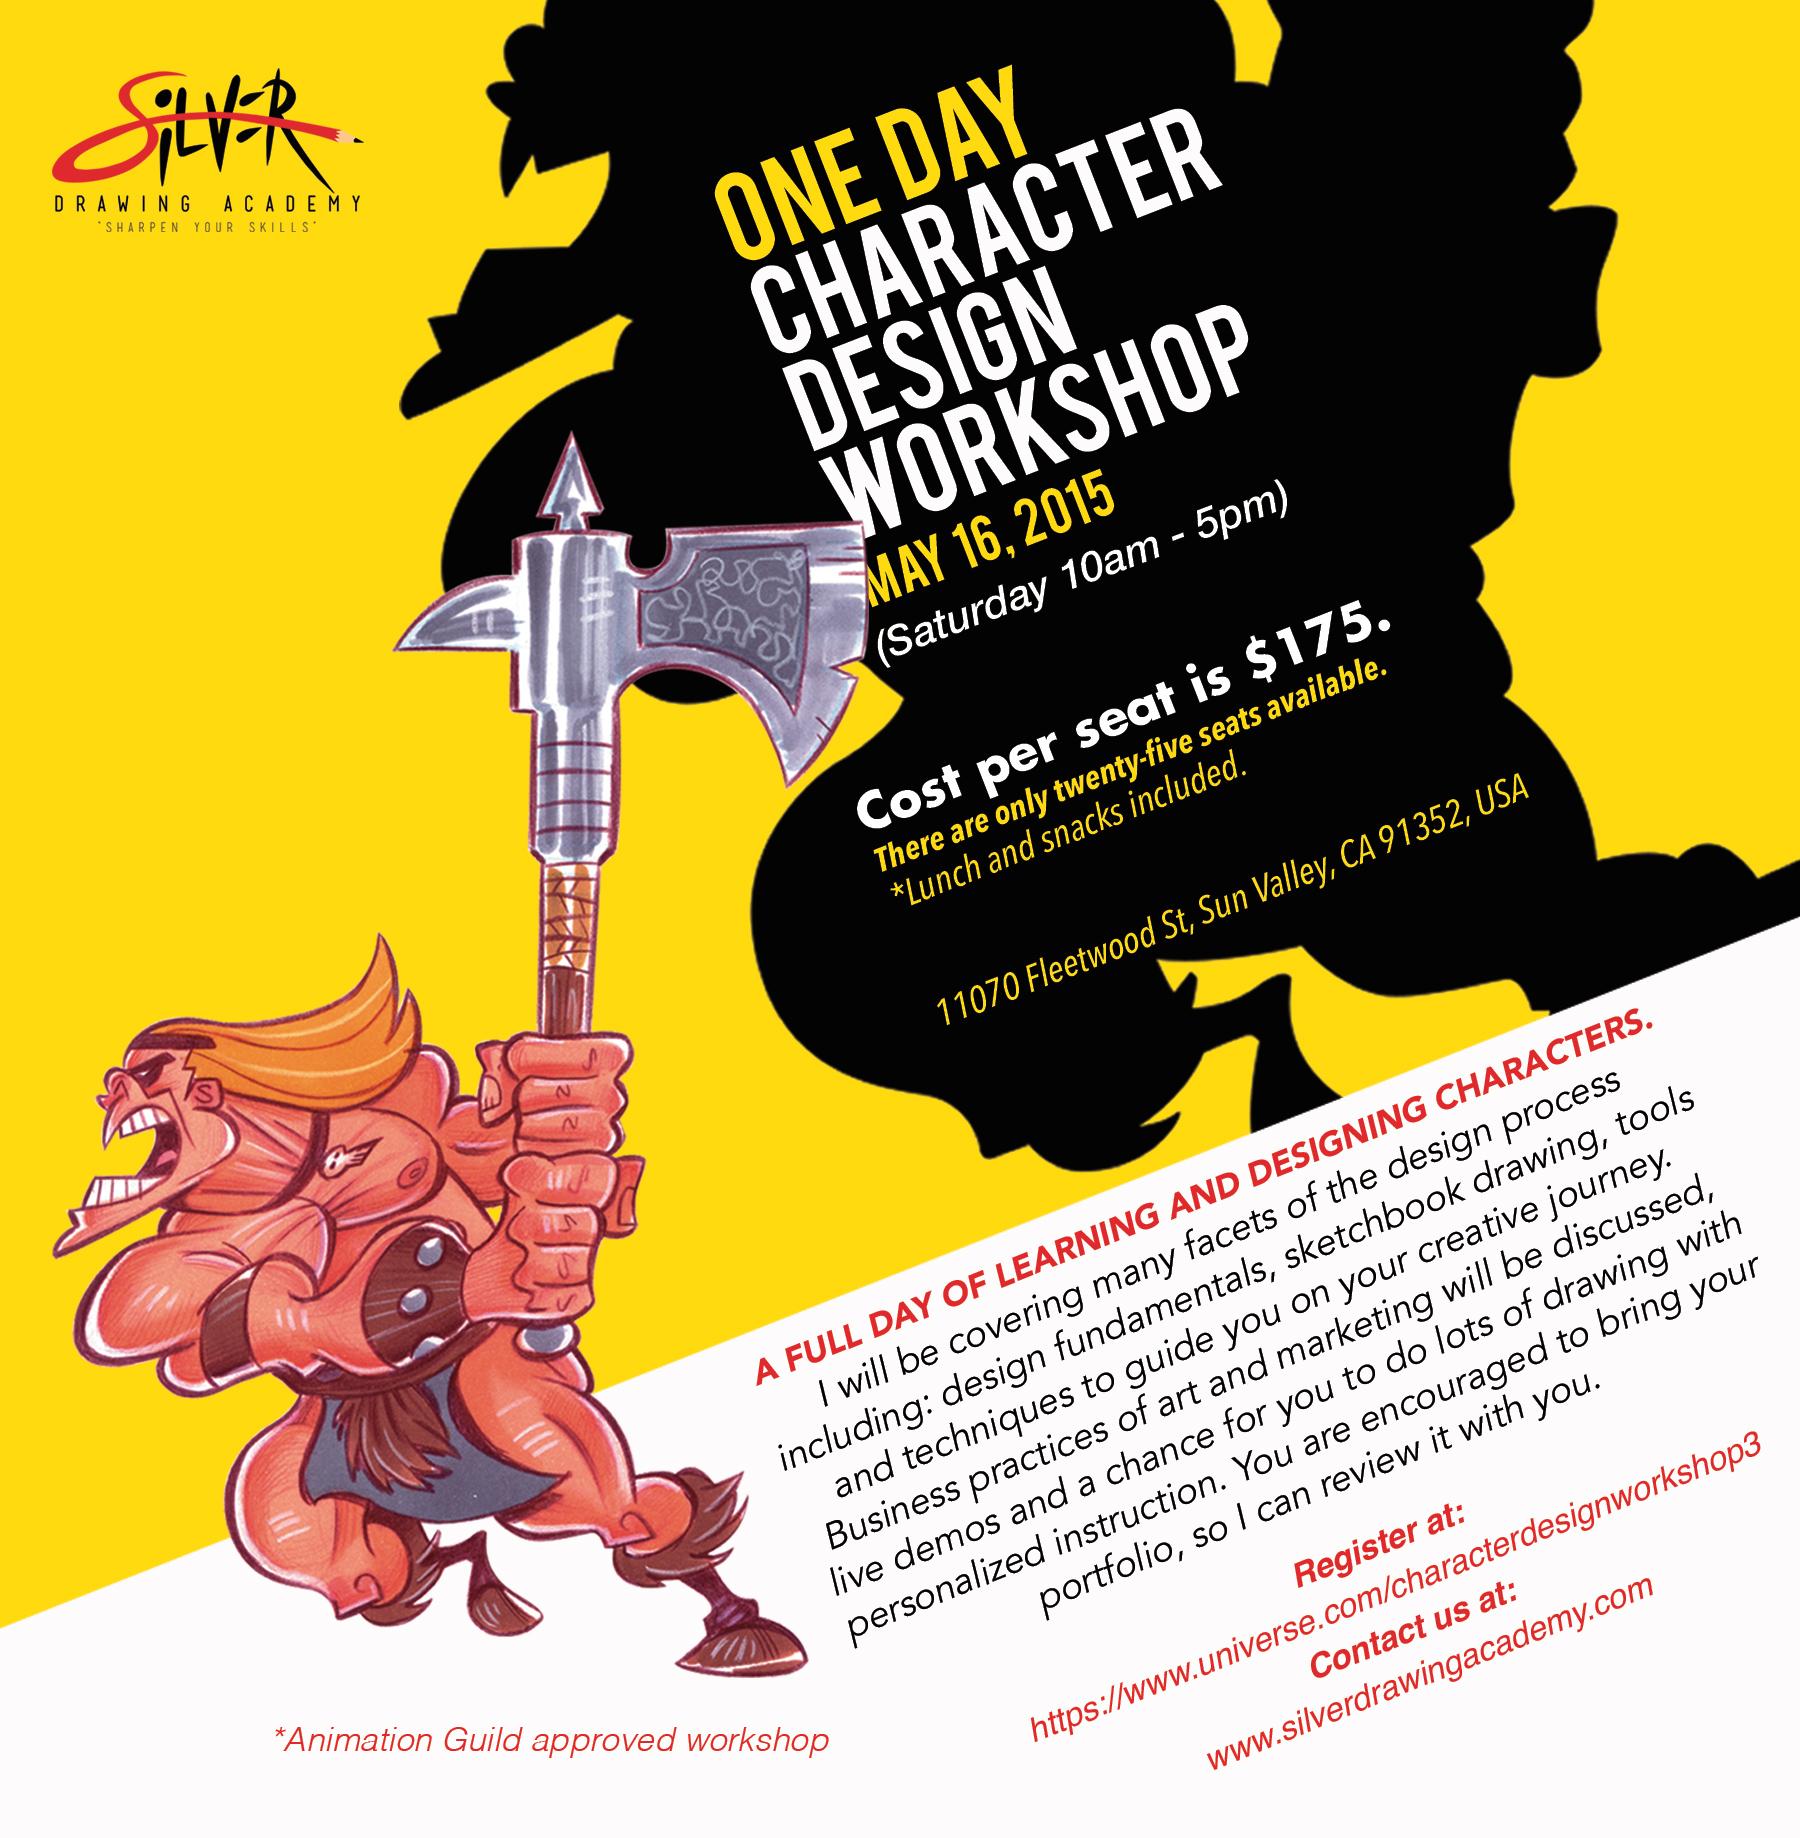 One_day_Wkshop_CharacterDesign_May2015.jpg